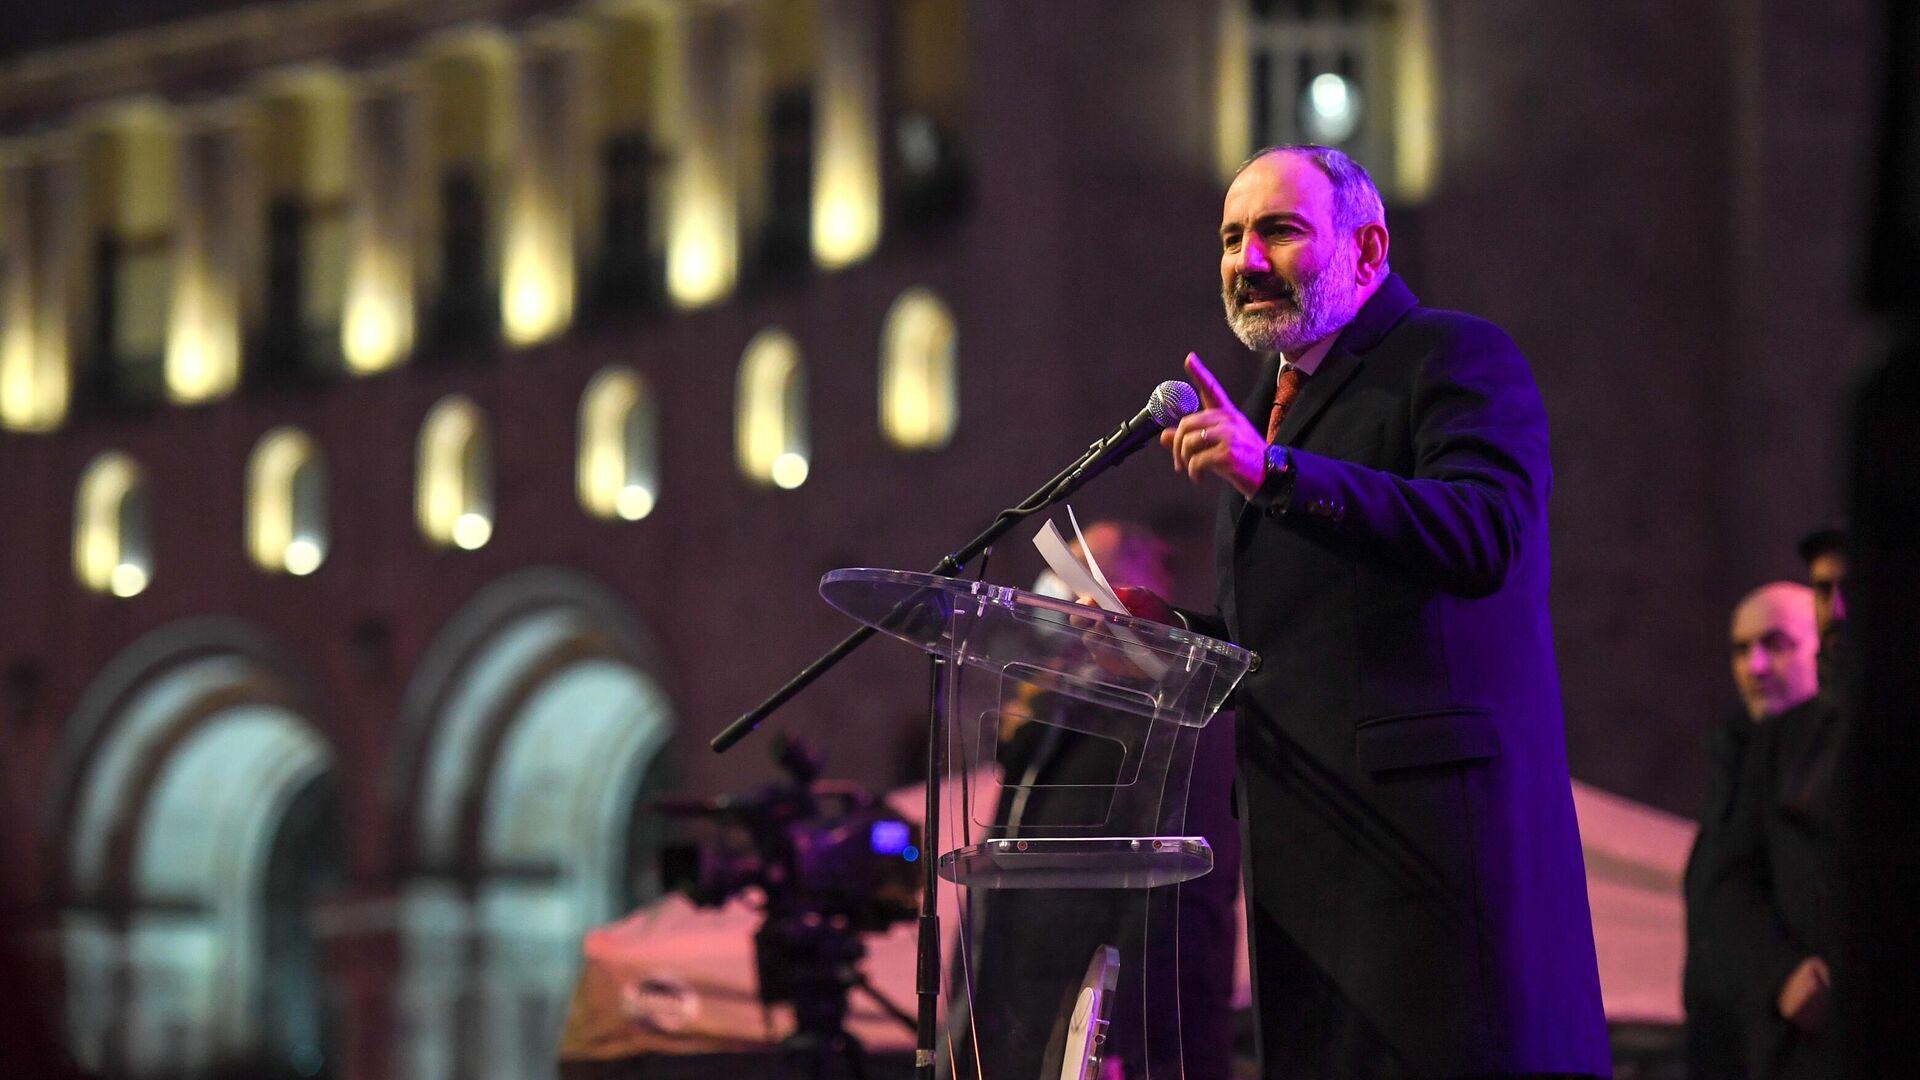 Премьер-министр Армении Никол Пашинян выступает перед своими сторонниками в Ереване - РИА Новости, 1920, 03.03.2021